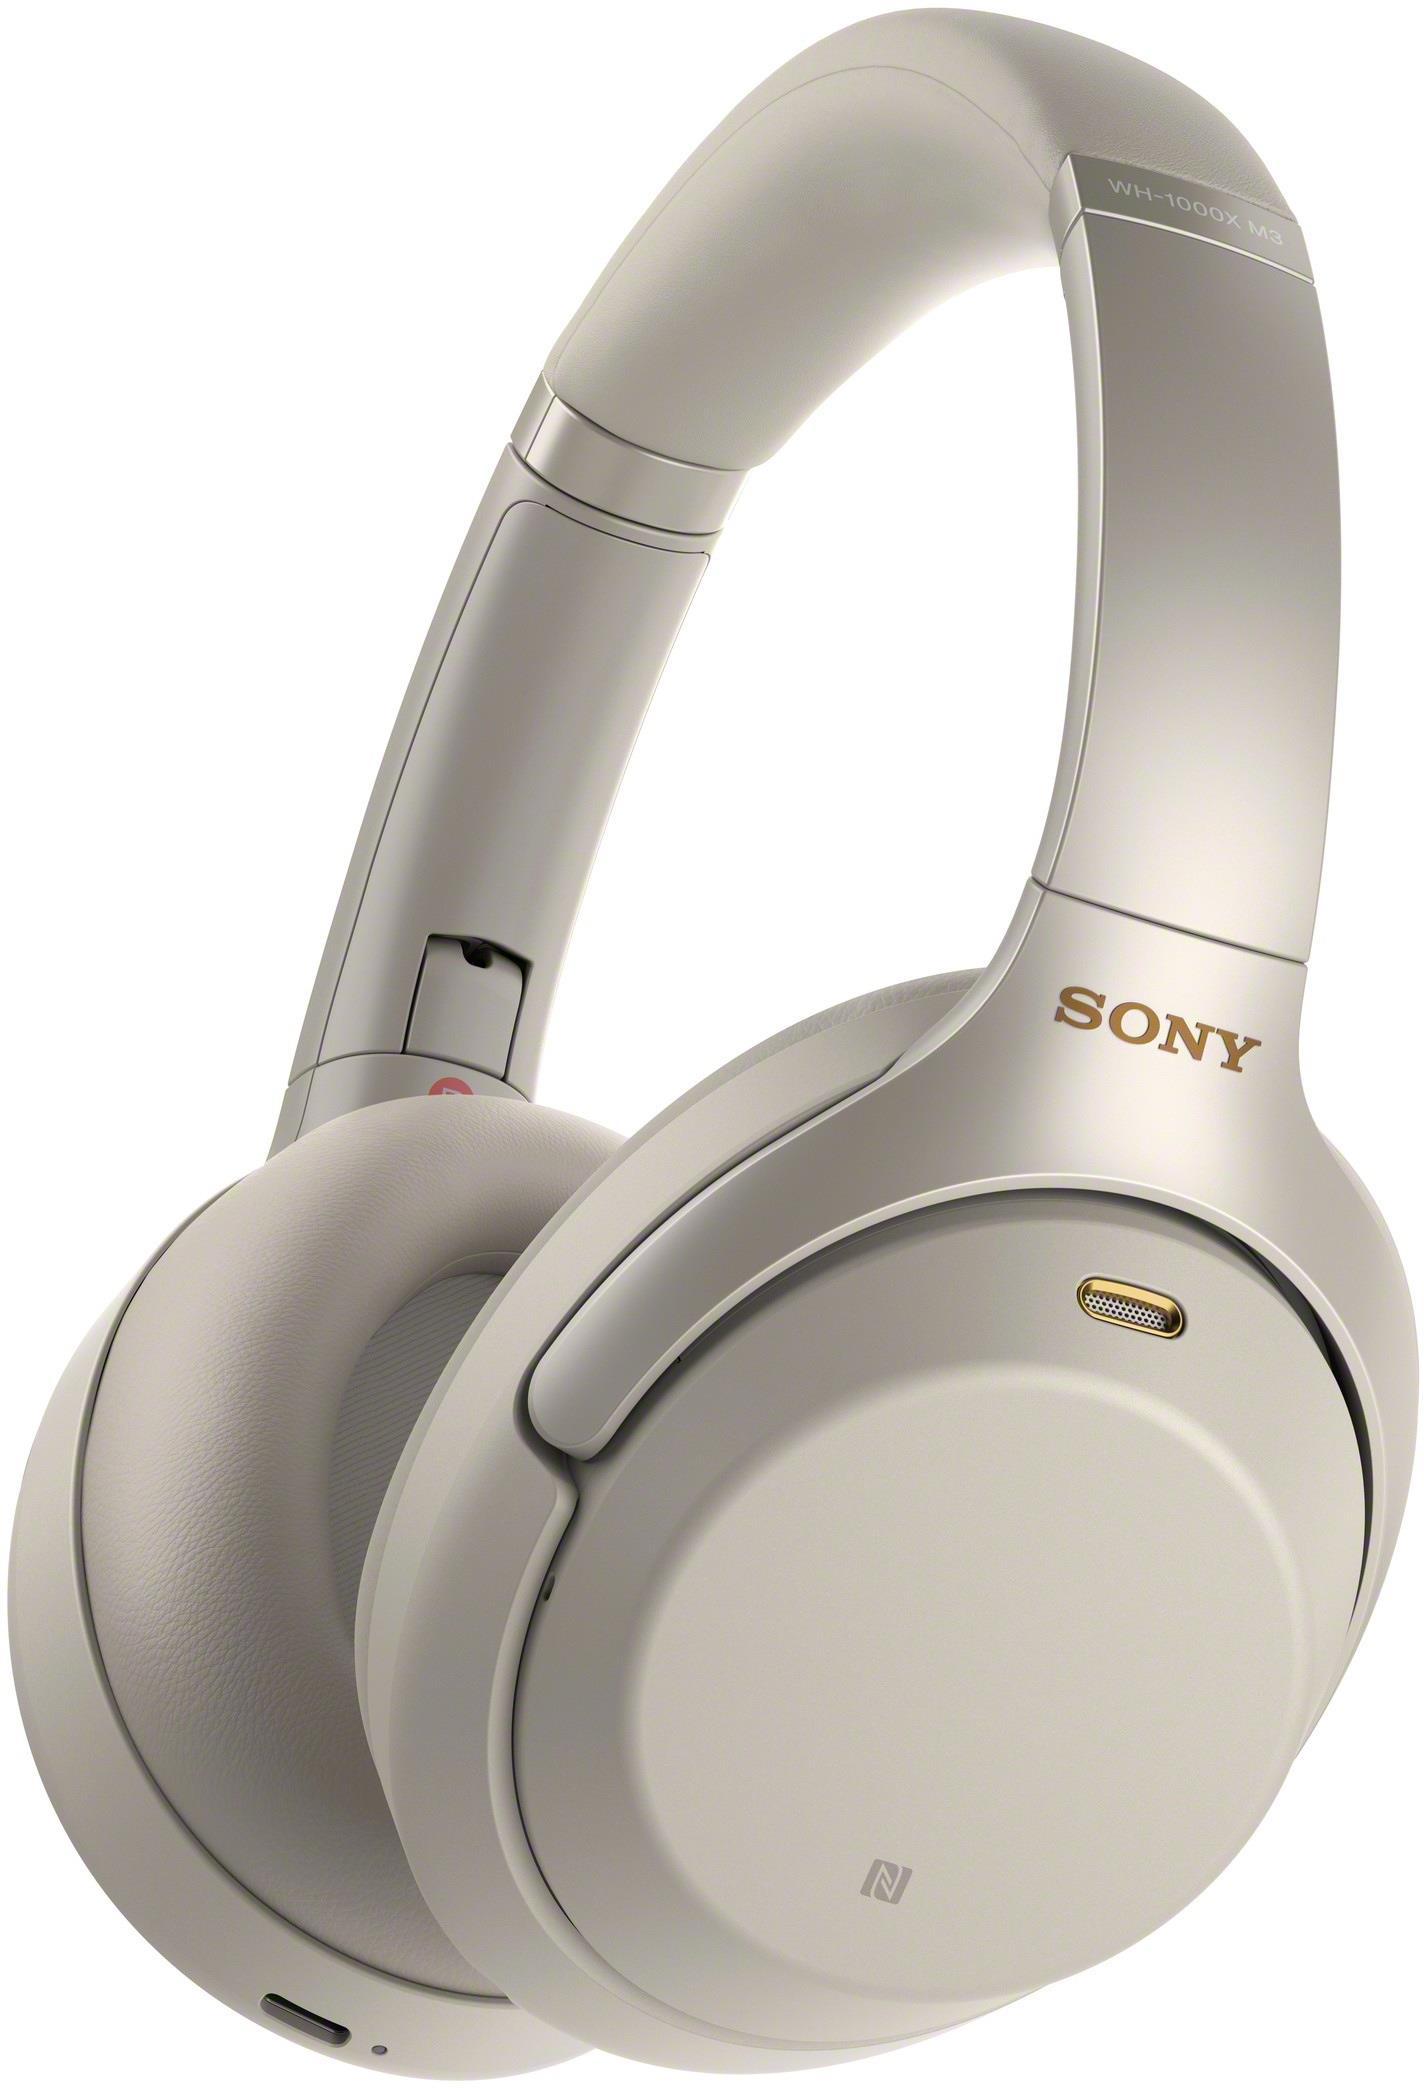 Sony Headphones  WH-1000XM3 Headband/On-Ear, 3.5mm (1/8 inch), Silver, Noice canceling, Wireless austiņas